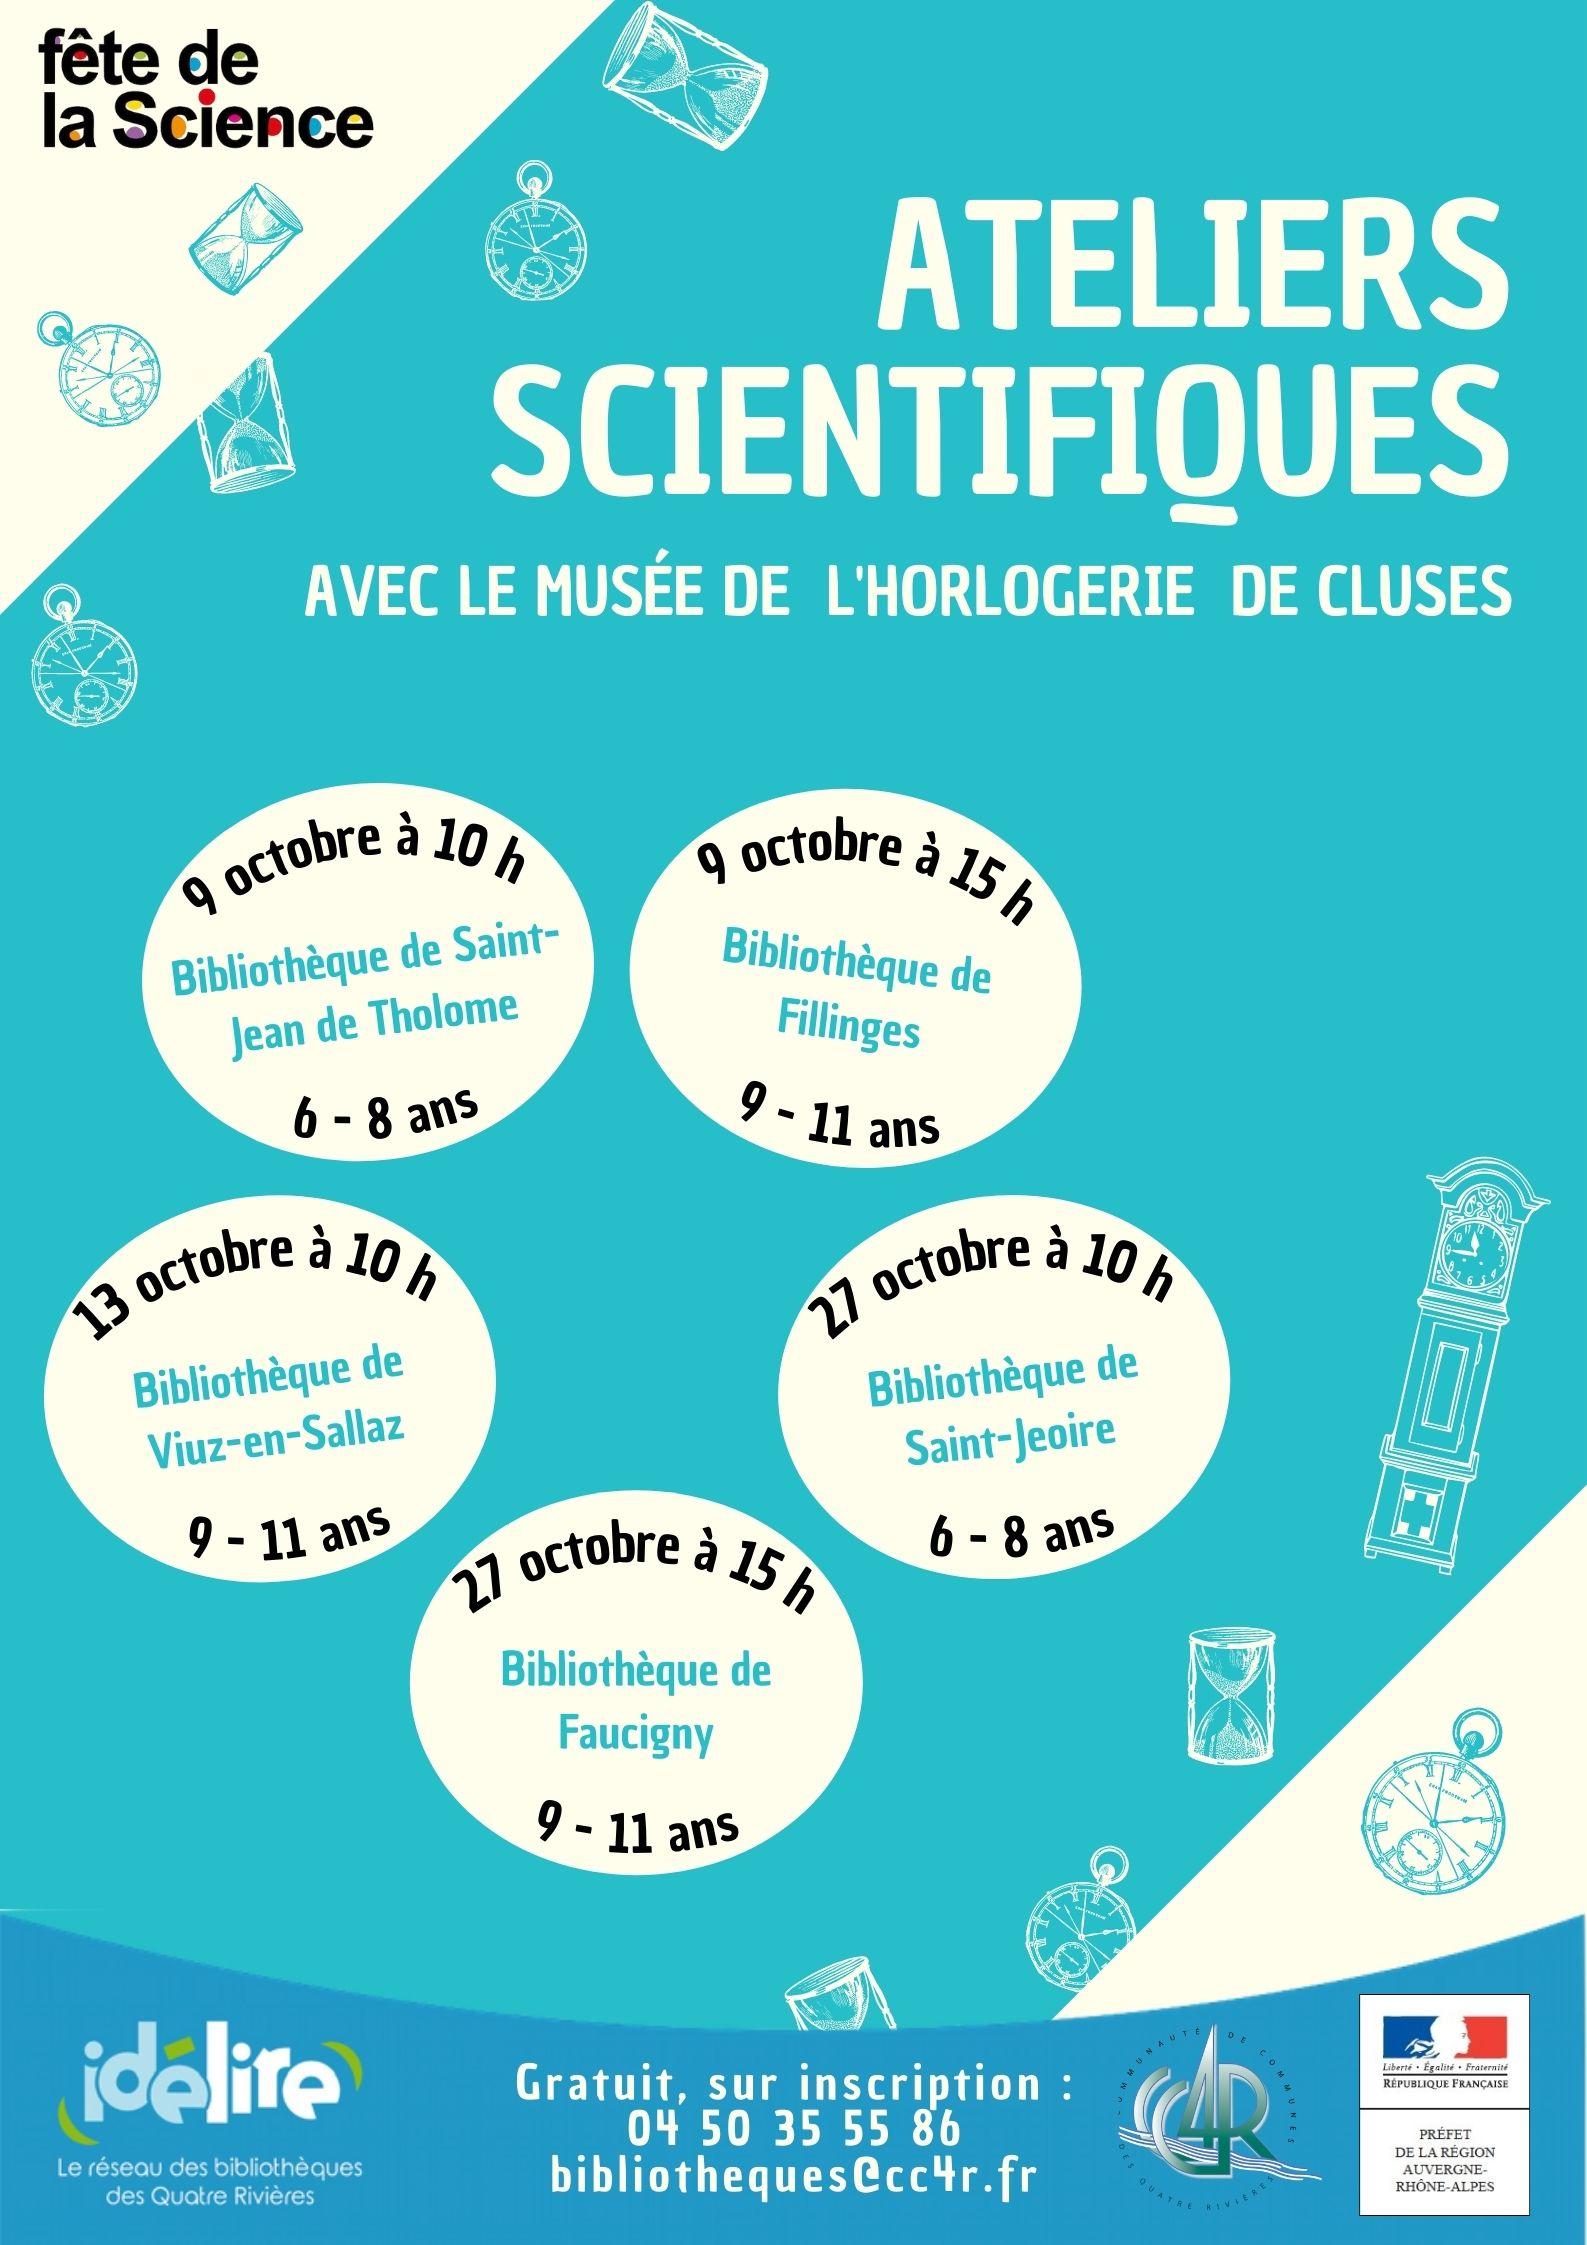 Ateliers_fete_de_la_science_2021.jpg